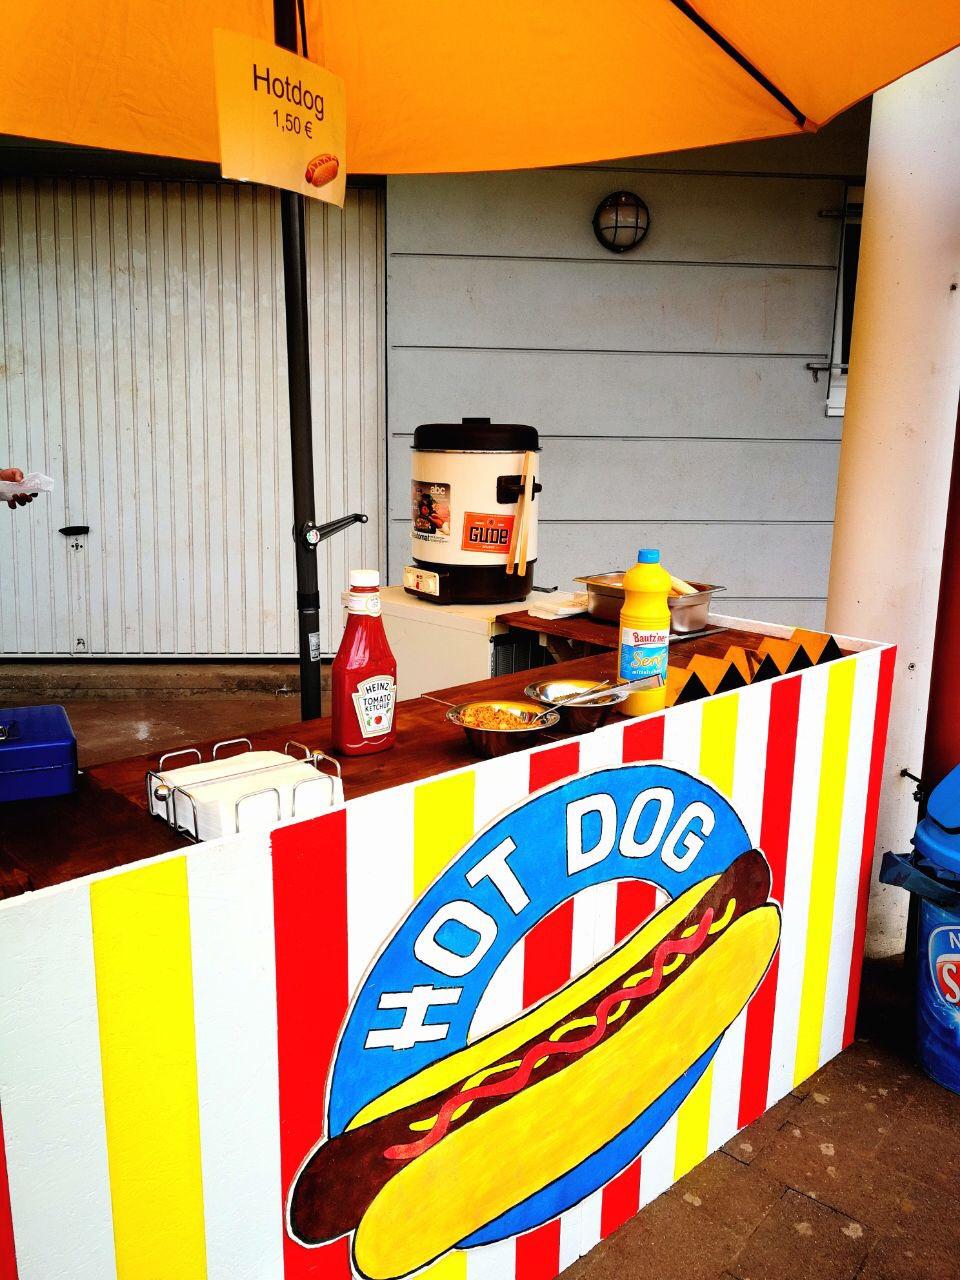 Hot Dog Stand die 4.